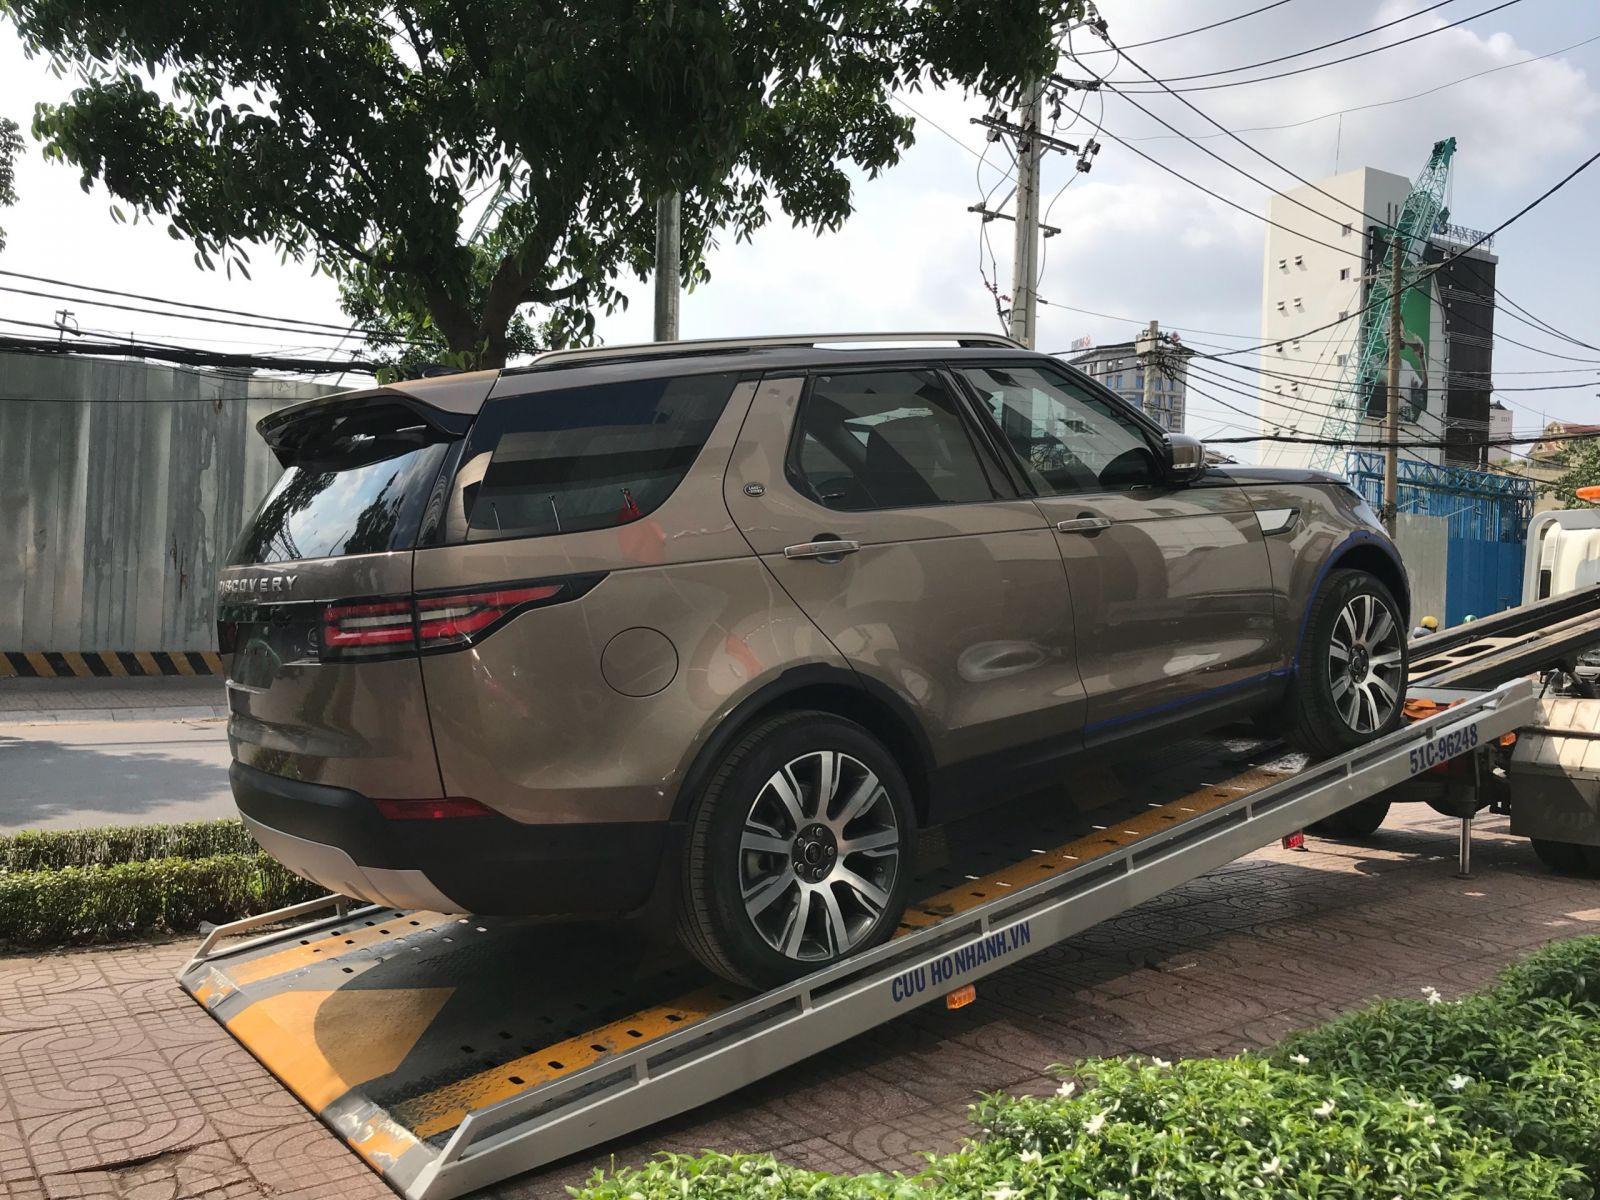 Giá Xe Range Rover 7 Chỗ Discovery Bản Cao Cấp HSE Luxury Màu Nâu 2018 - 2019 Bao nhiêu tiền bán tại Việt Nam, Xe Se, HSE, Xe Nhập, Xe Cũ ,Xe mới, Xe màu nào đẹp